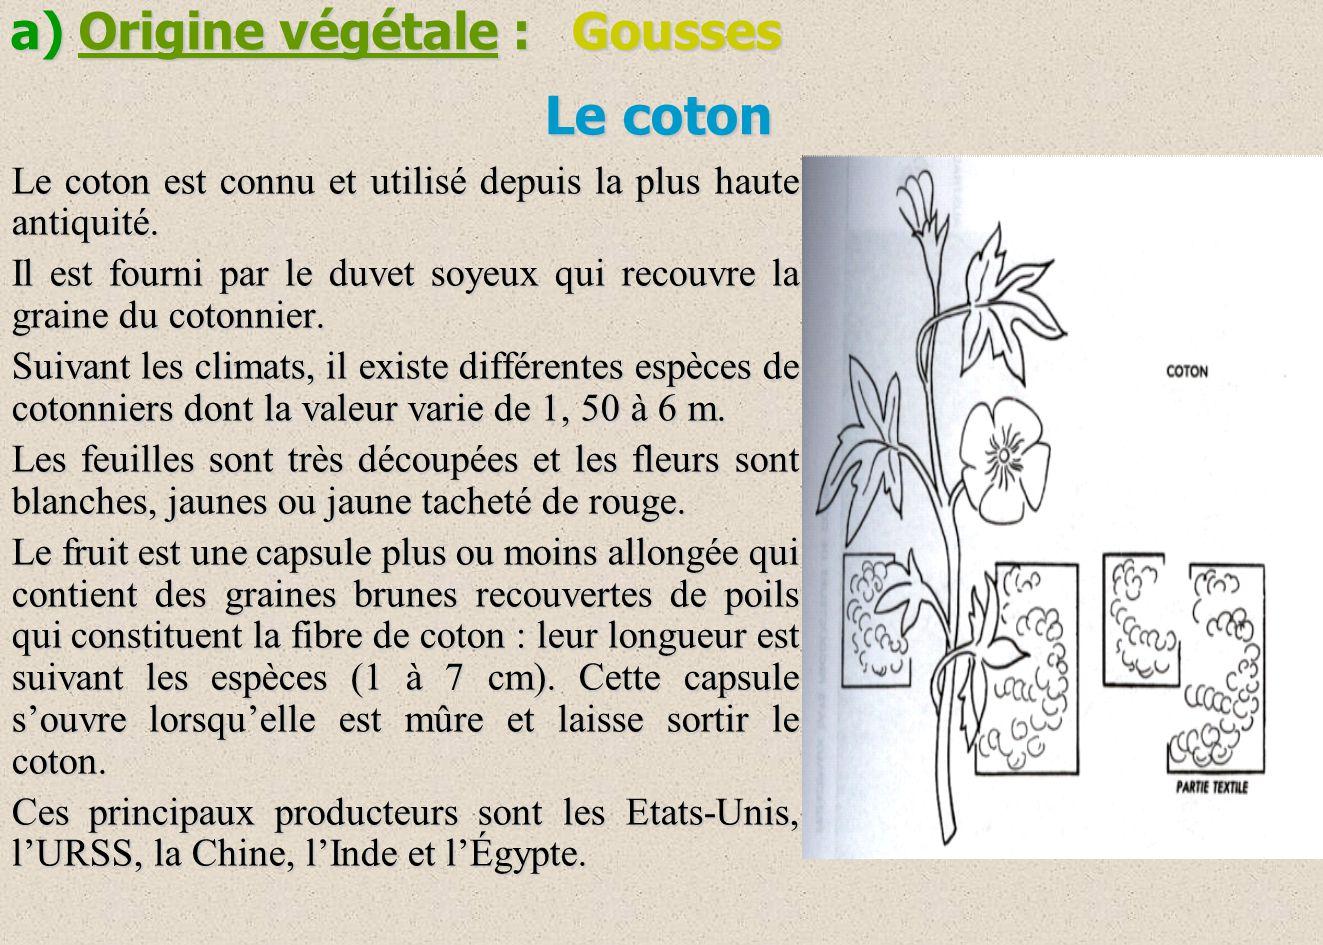 Le coton a) Origine végétale : Gousses